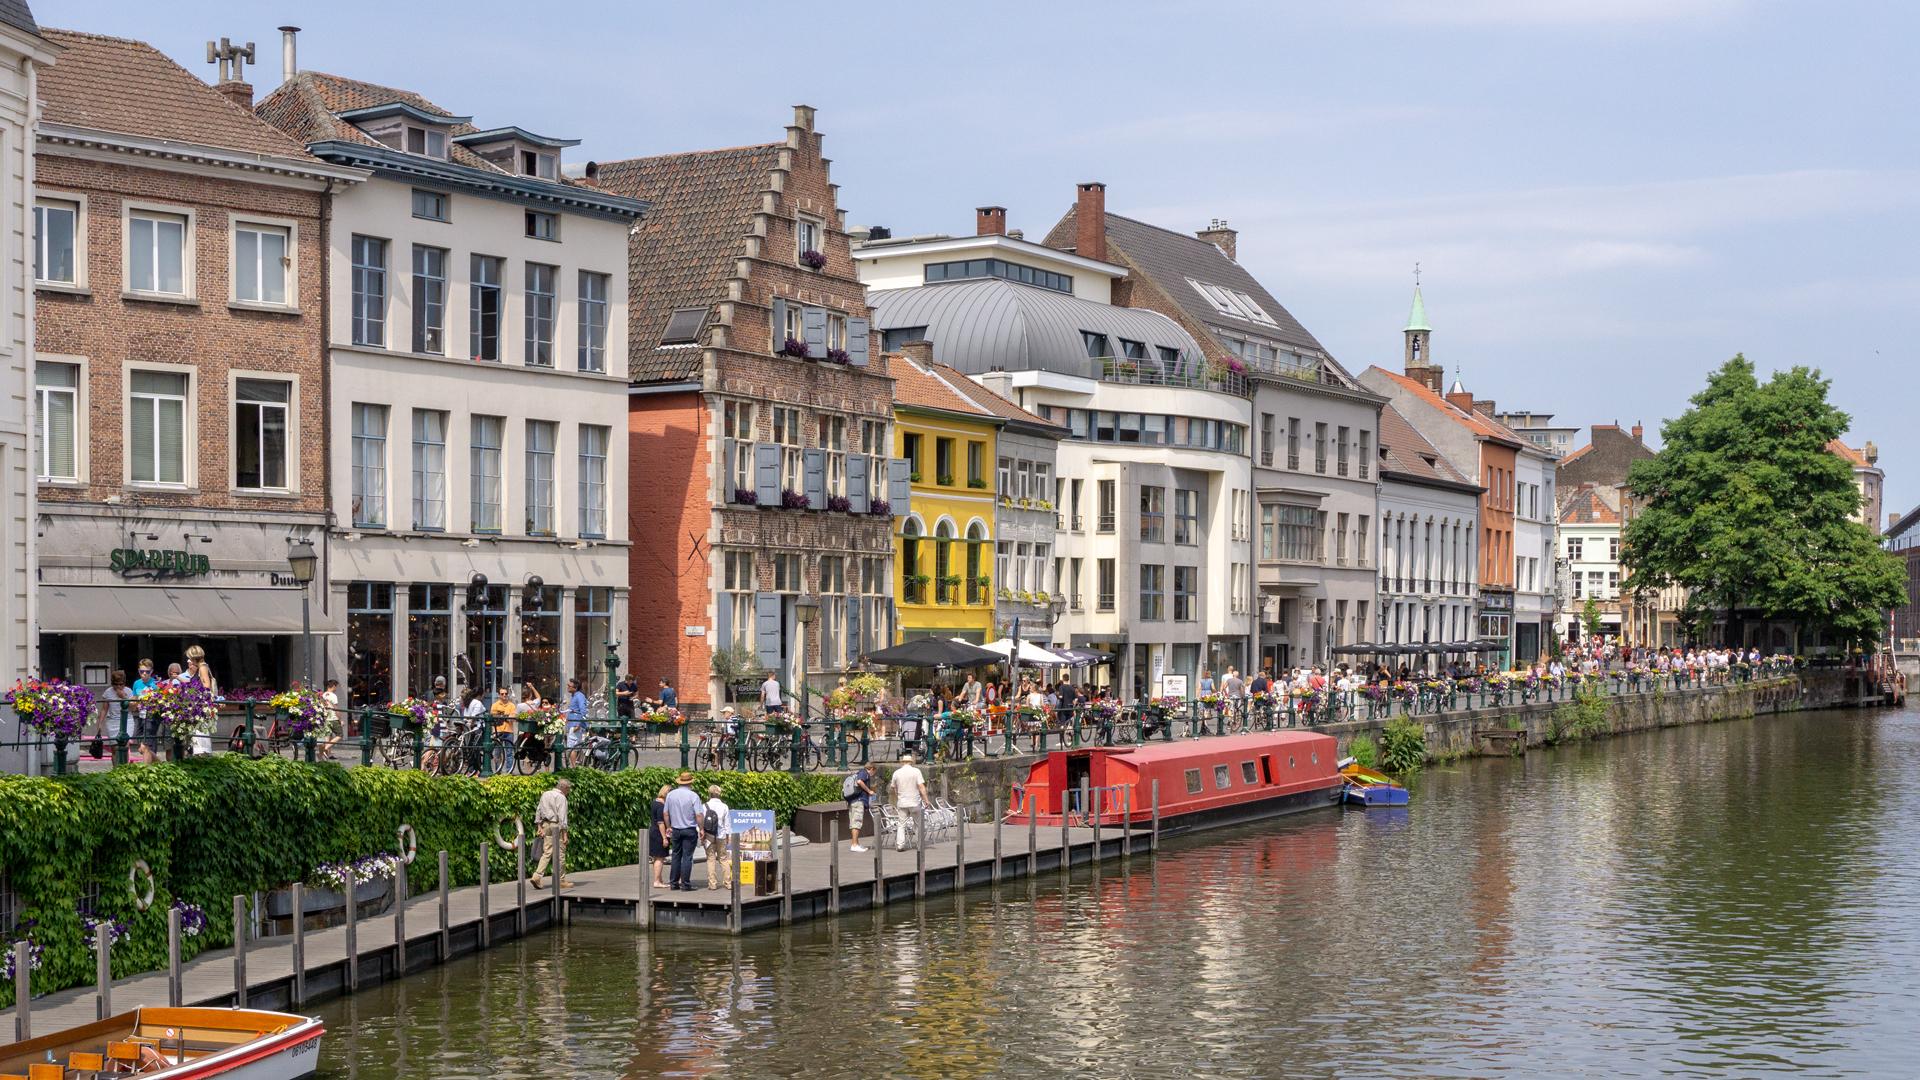 Reisefotografie - Belgien - Gent